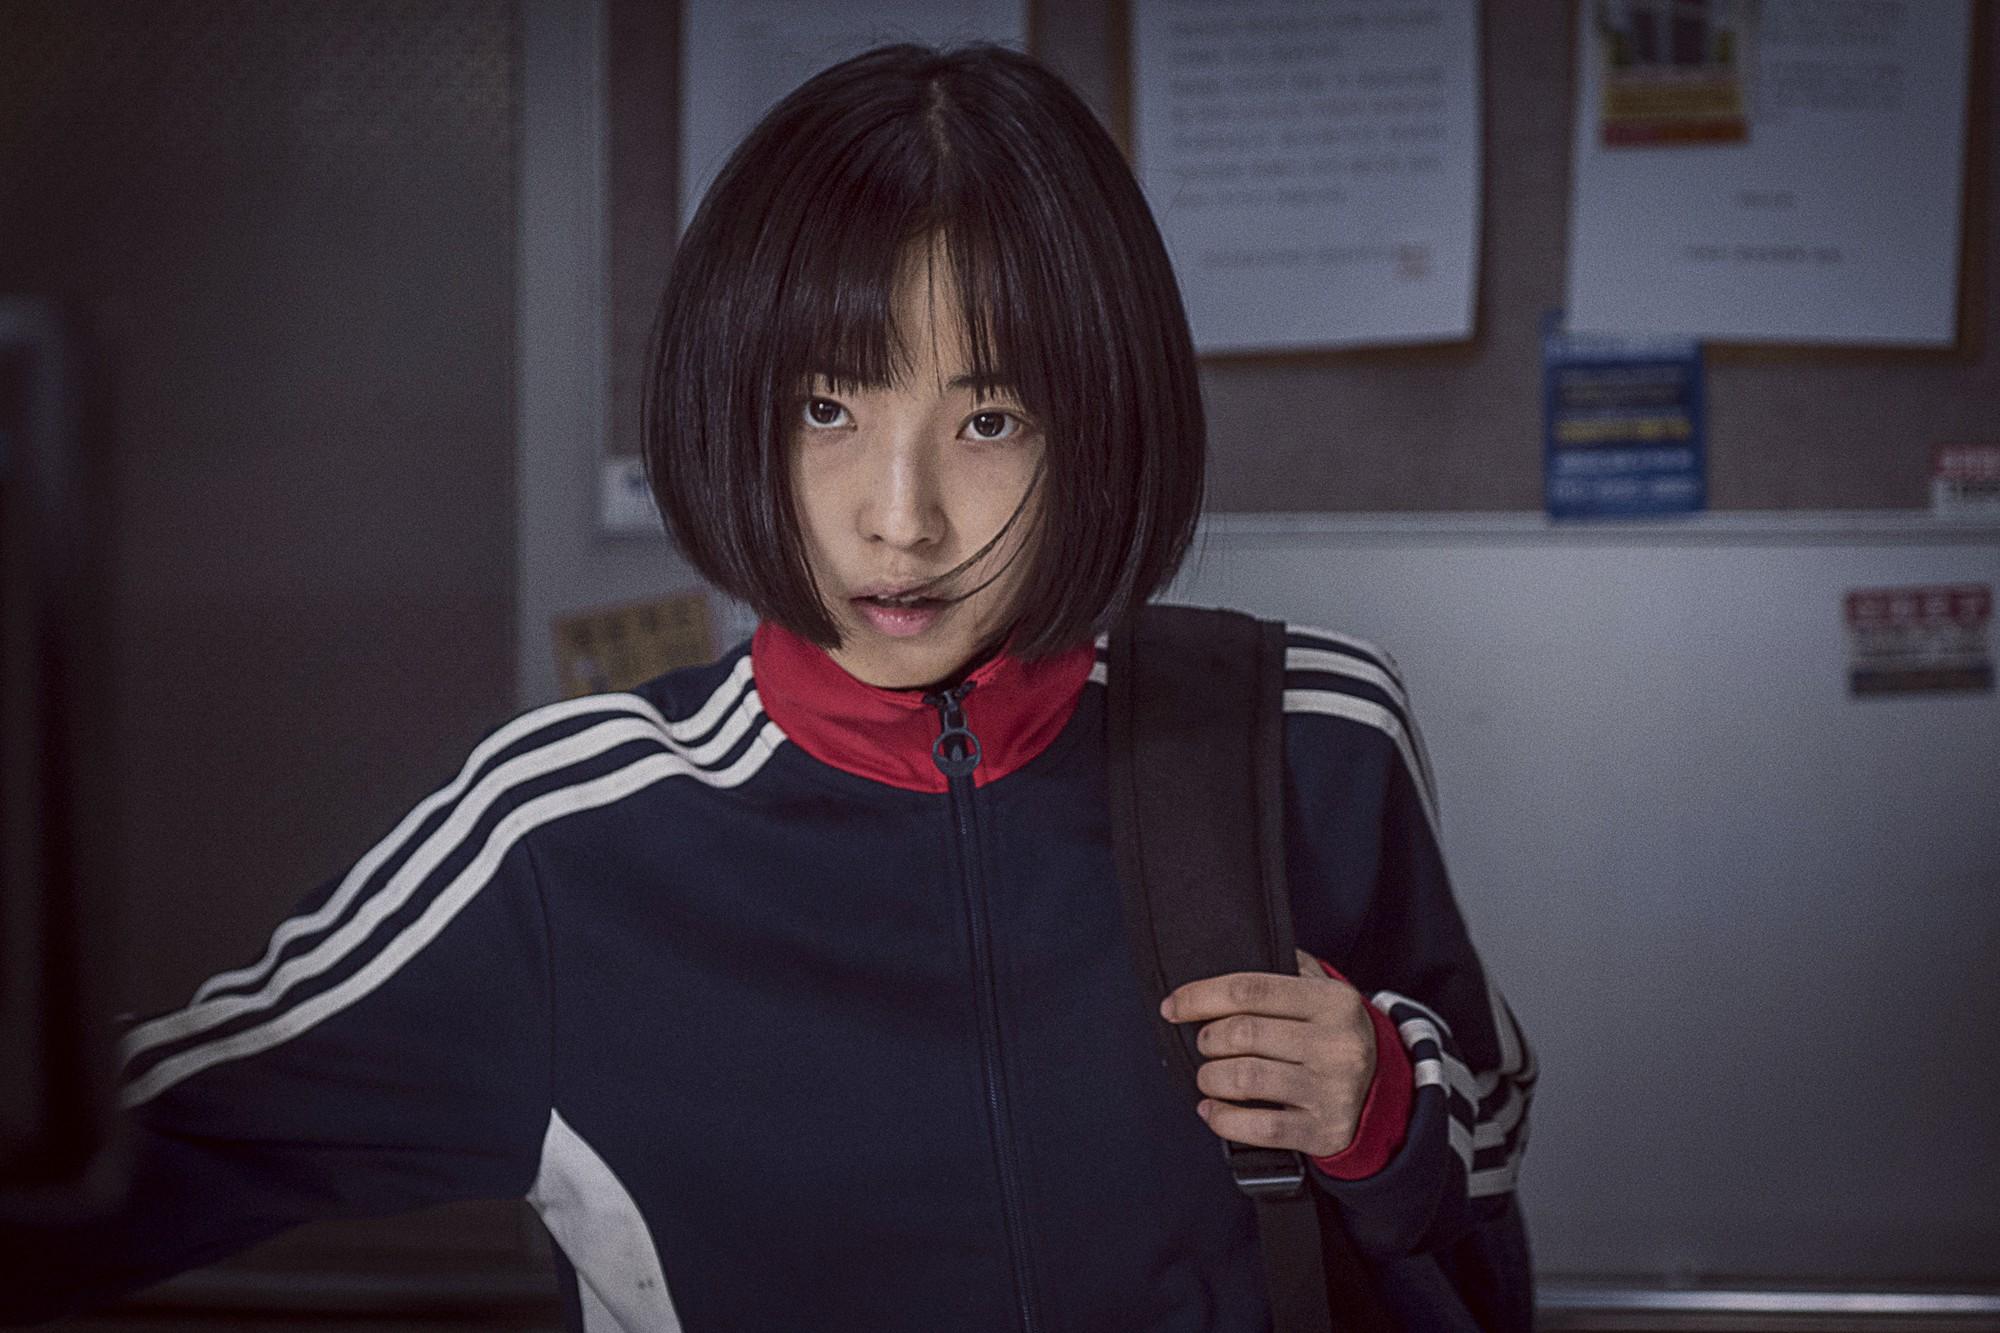 5 năm sau thảm họa chìm phà Sewol, điện ảnh Hàn lên tiếng: Đã đến lúc cần đối diện với nỗi đau! - Ảnh 5.